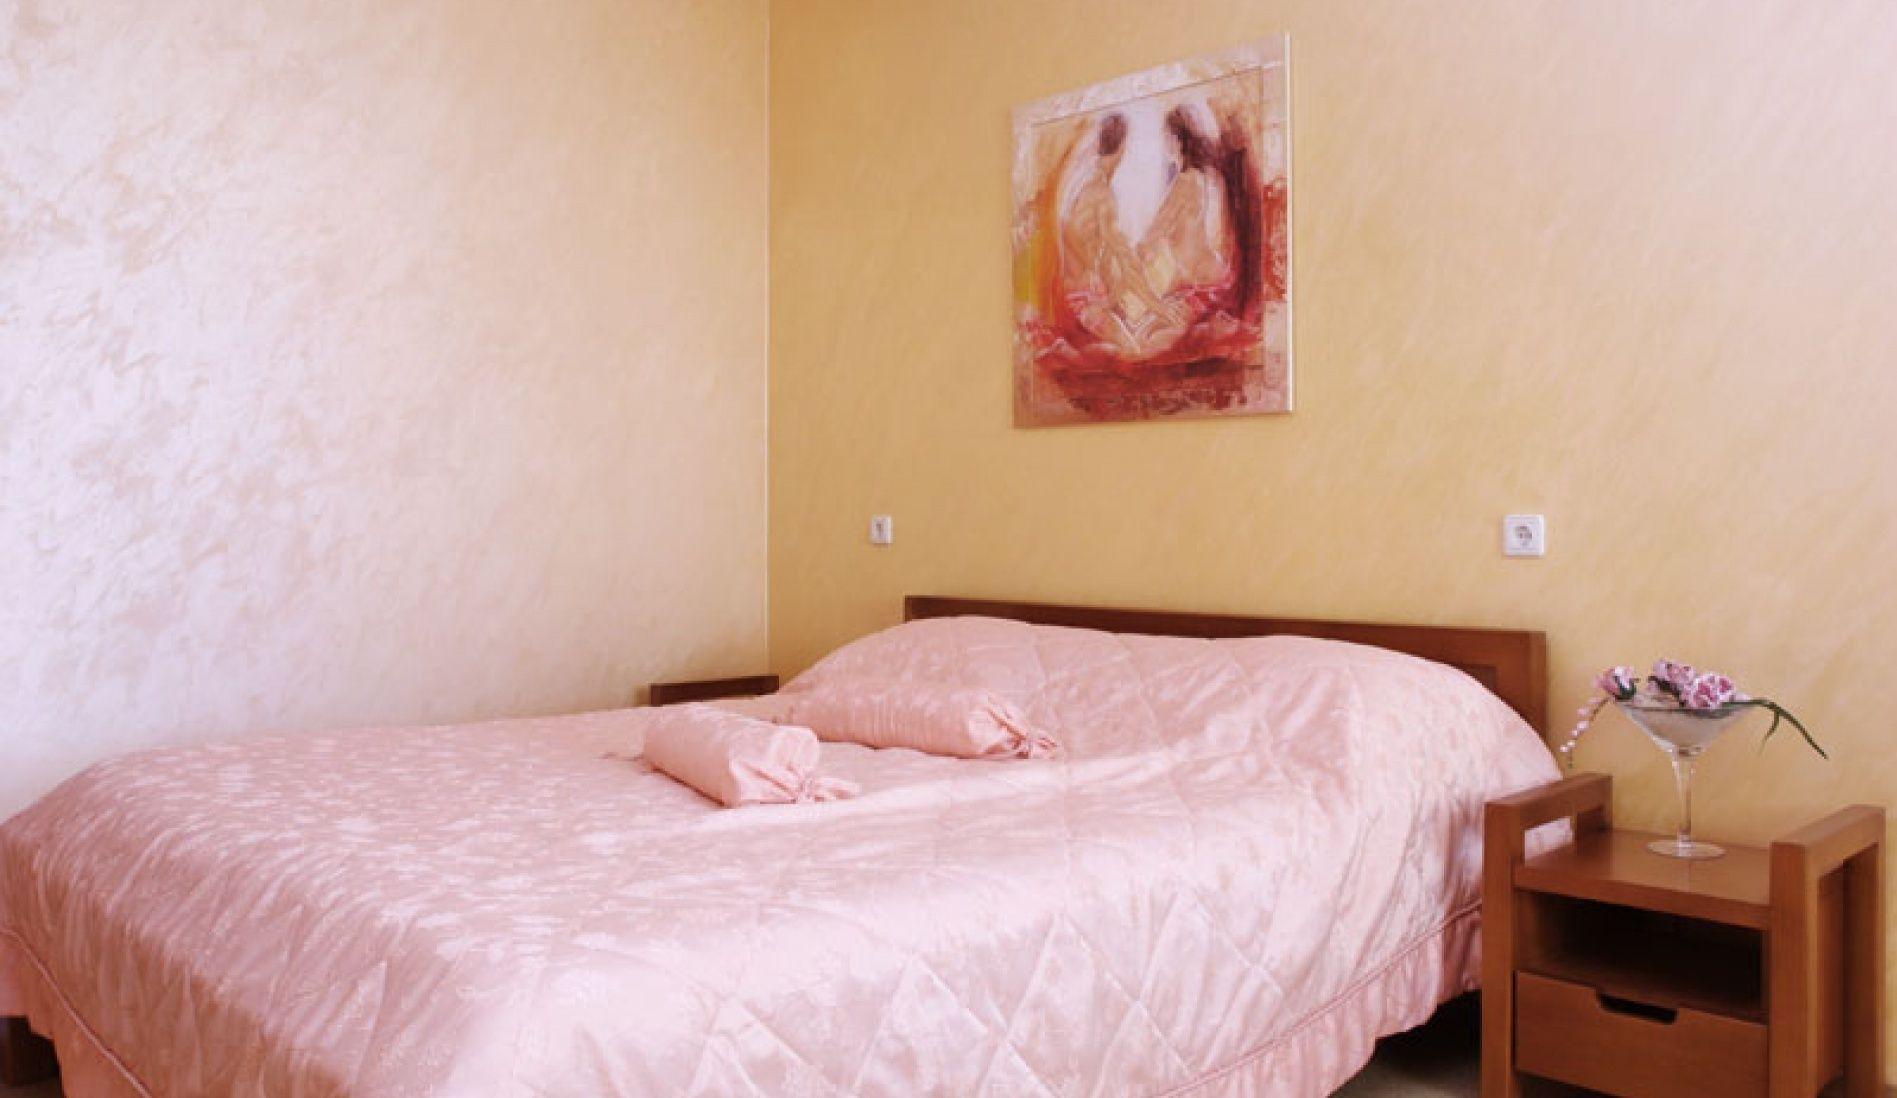 """Загородный гостиничный комплекс """"Орбита"""" Самарская область Двухкомнатный 4-х местный номер в гостинице, фото 1"""